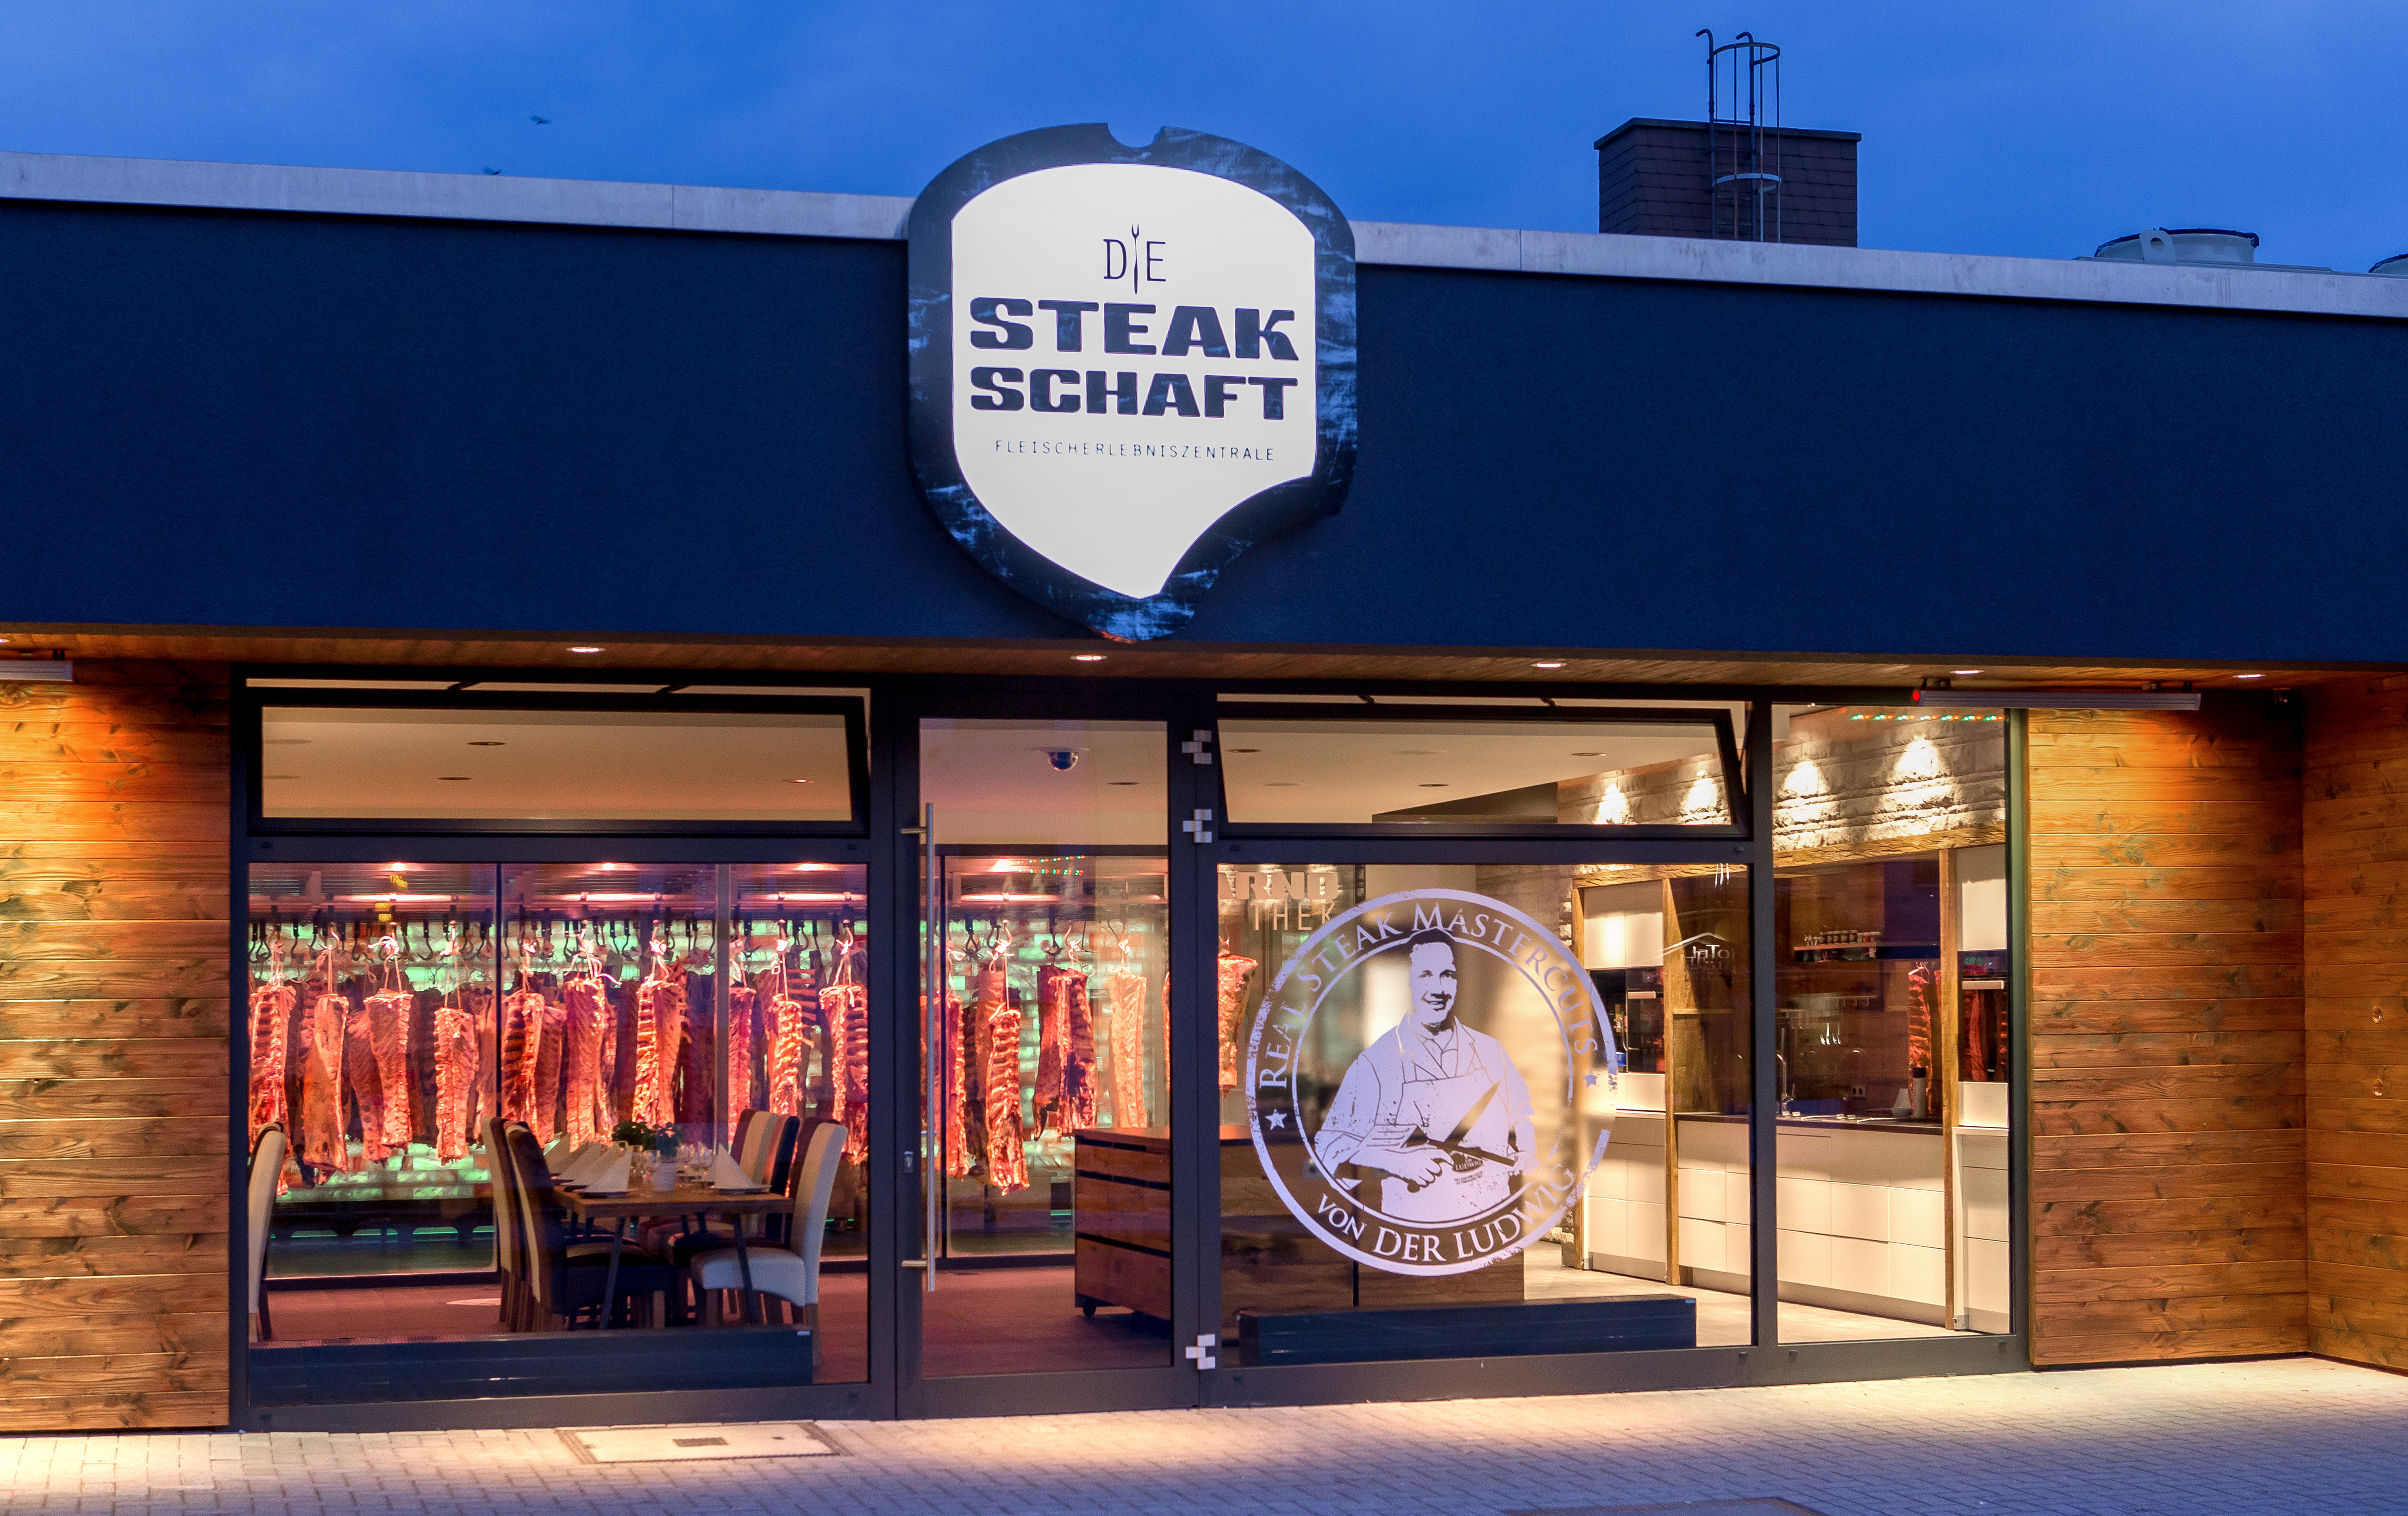 Die Steakschaft - Fleischerlebniszentrale Aussenansicht